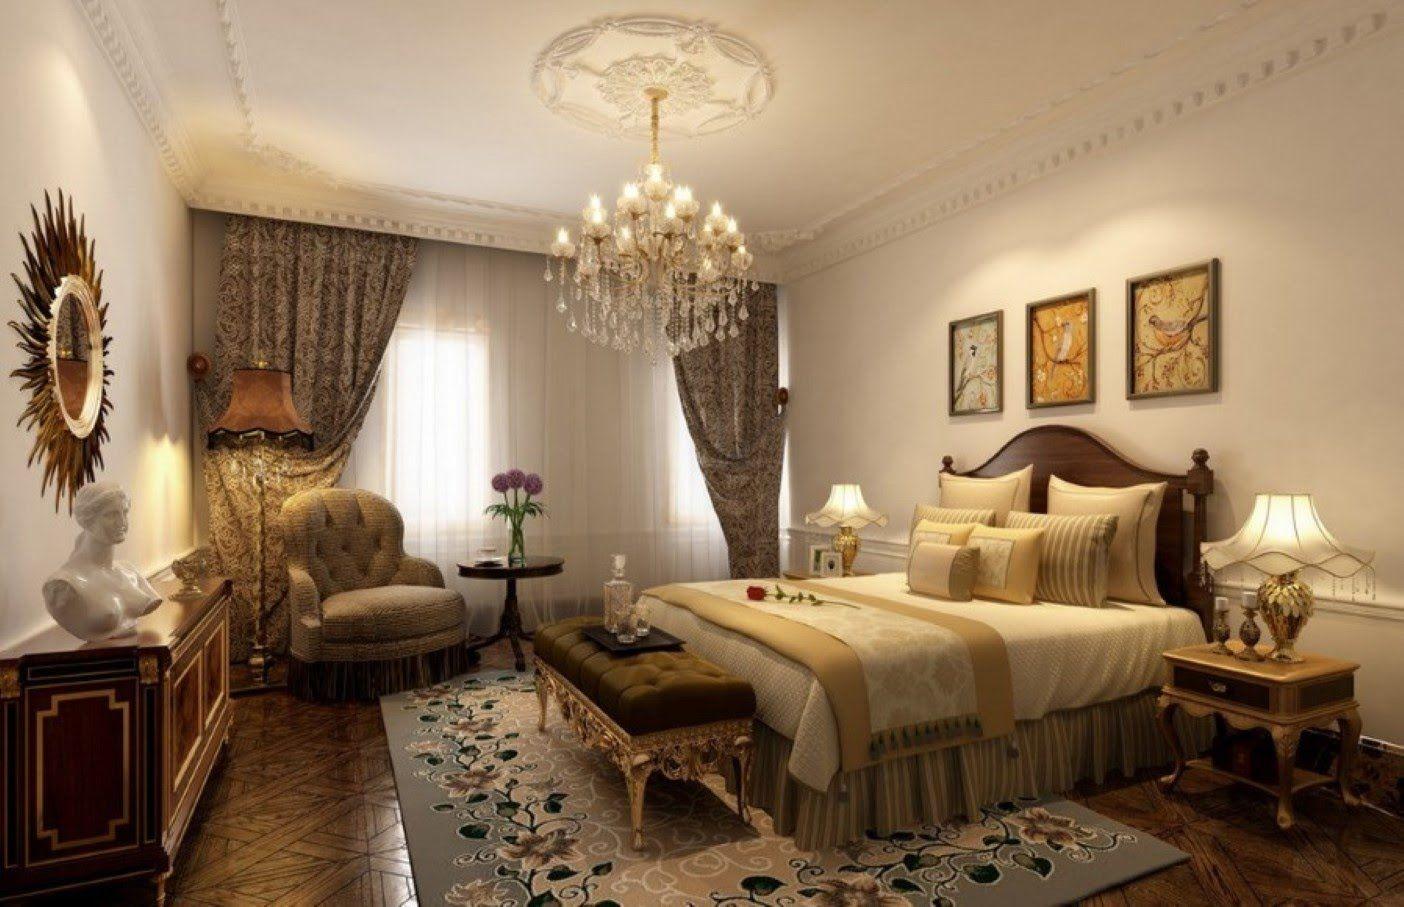 Innenarchitektur von schlafzimmermöbeln kronleuchter für schlafzimmer schlafzimmer  schlafzimmer